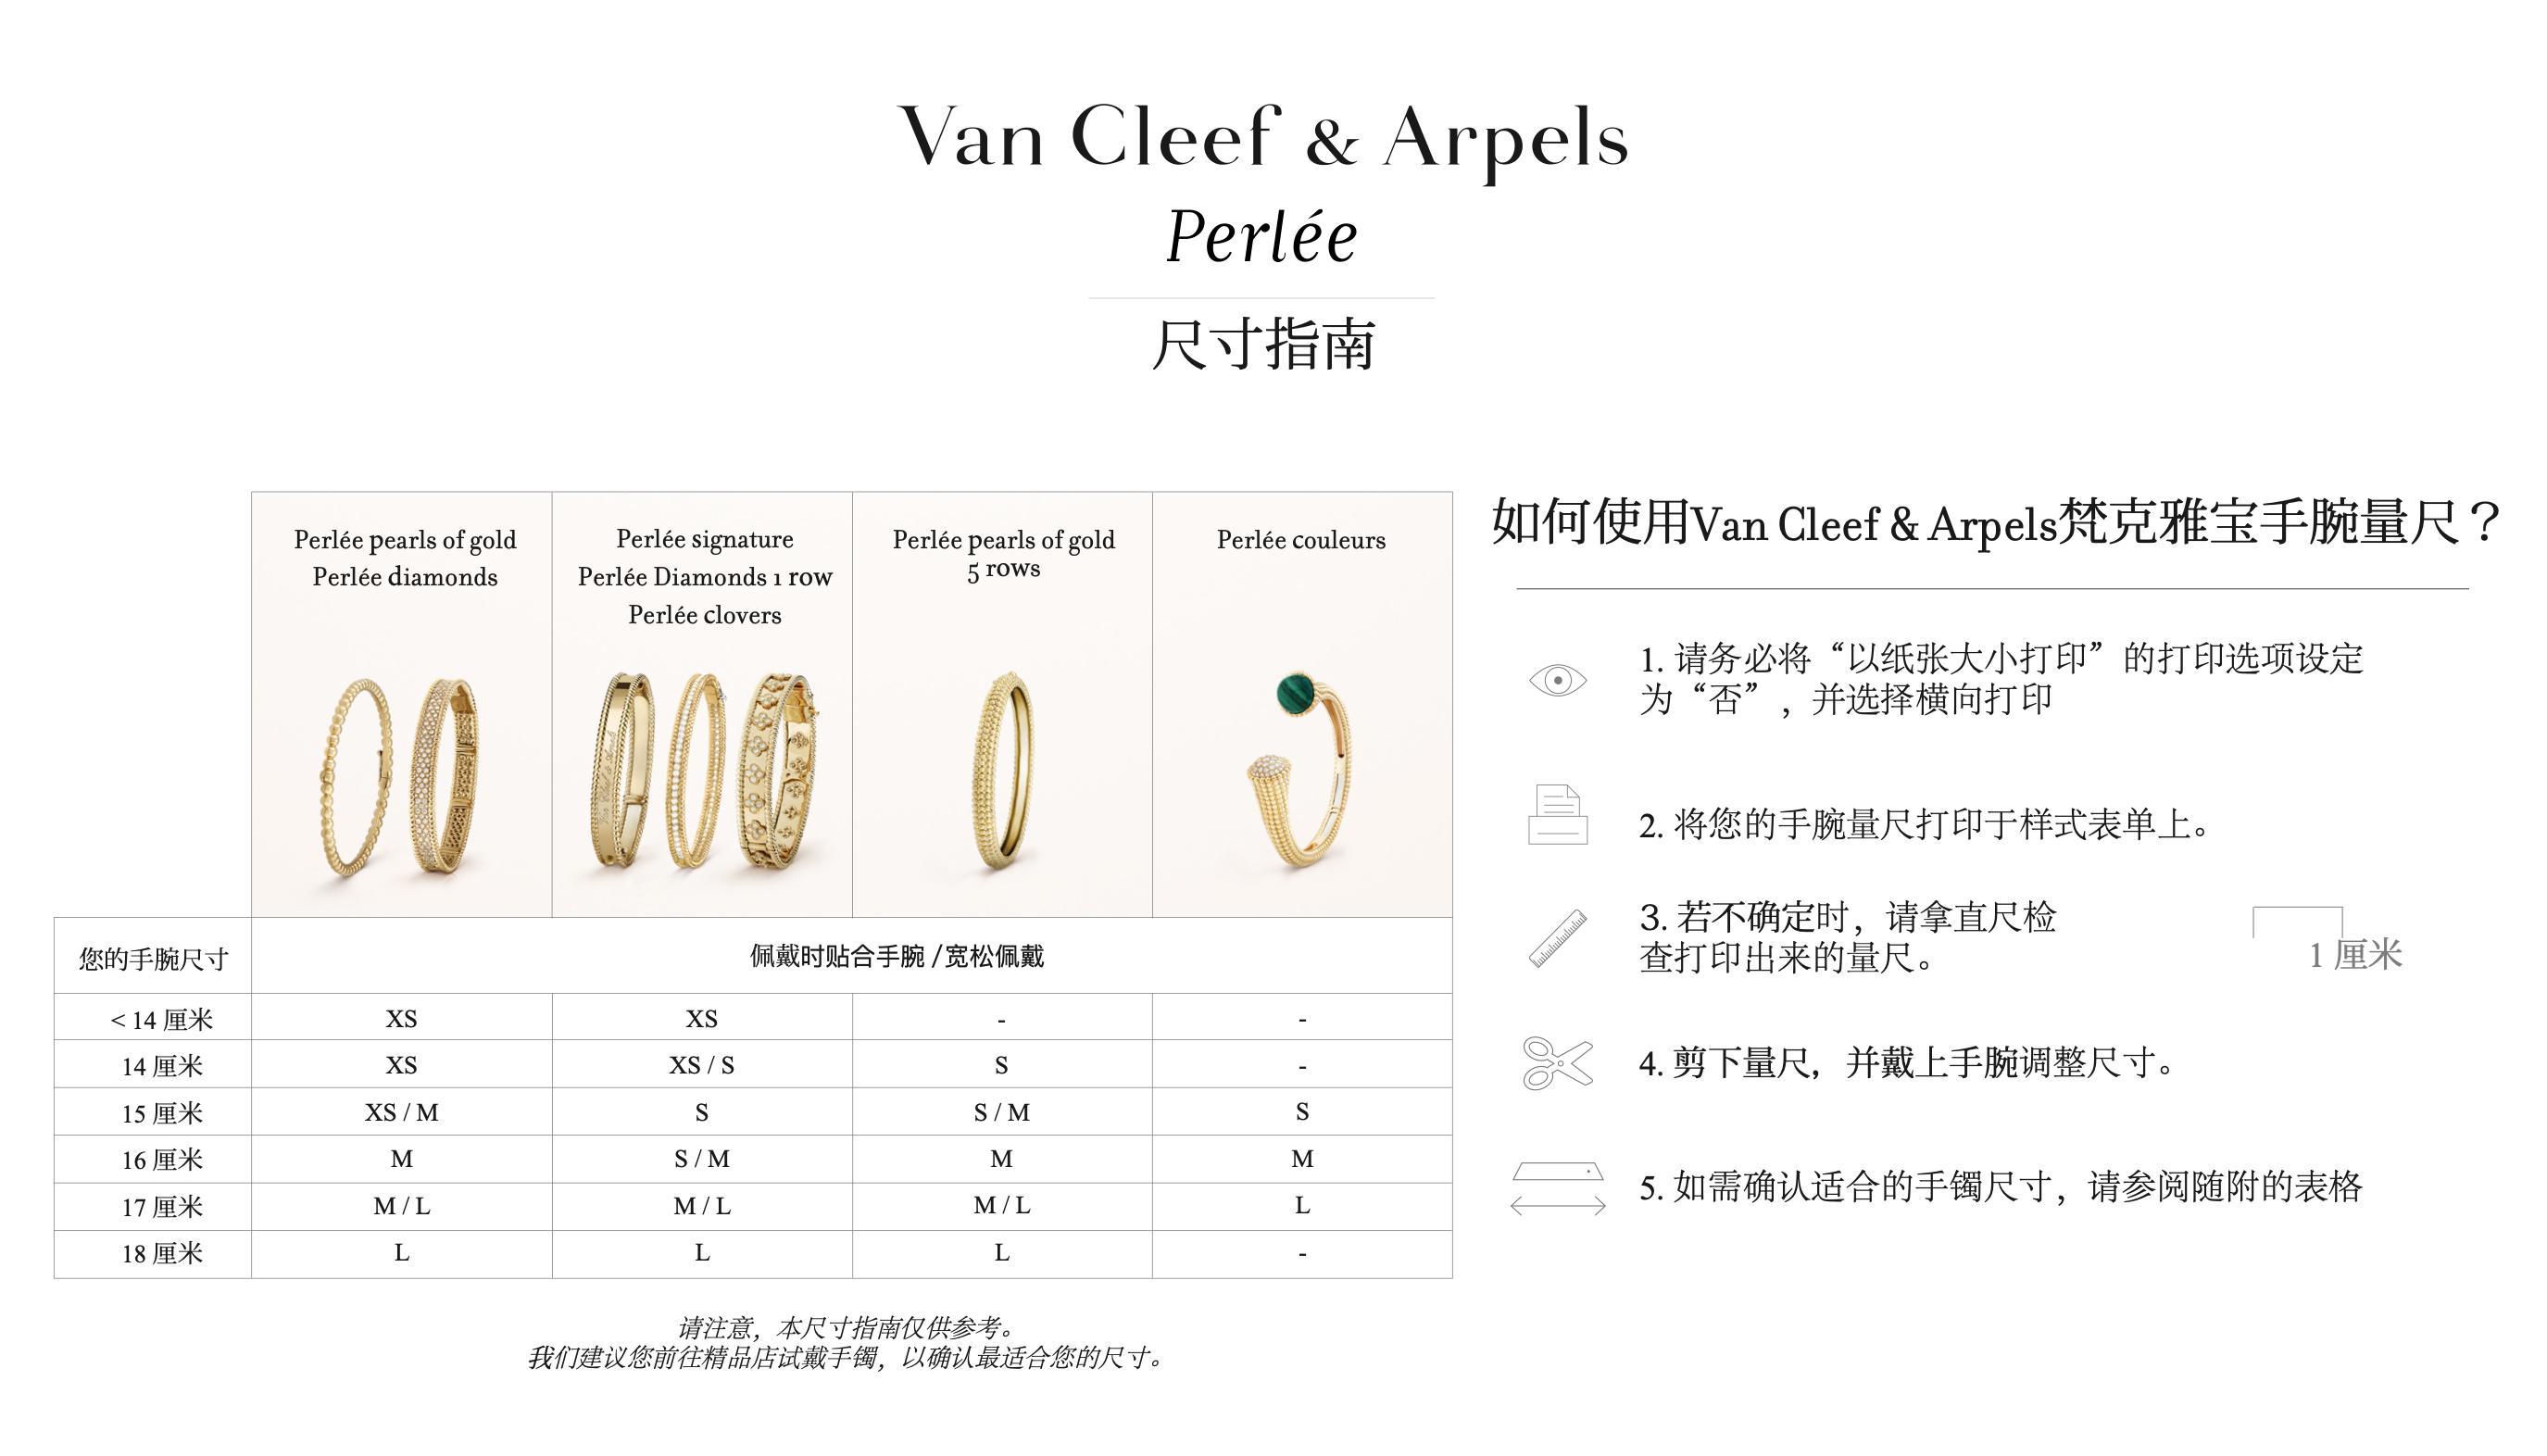 VanCleef&Arpels 梵克雅宝手镯